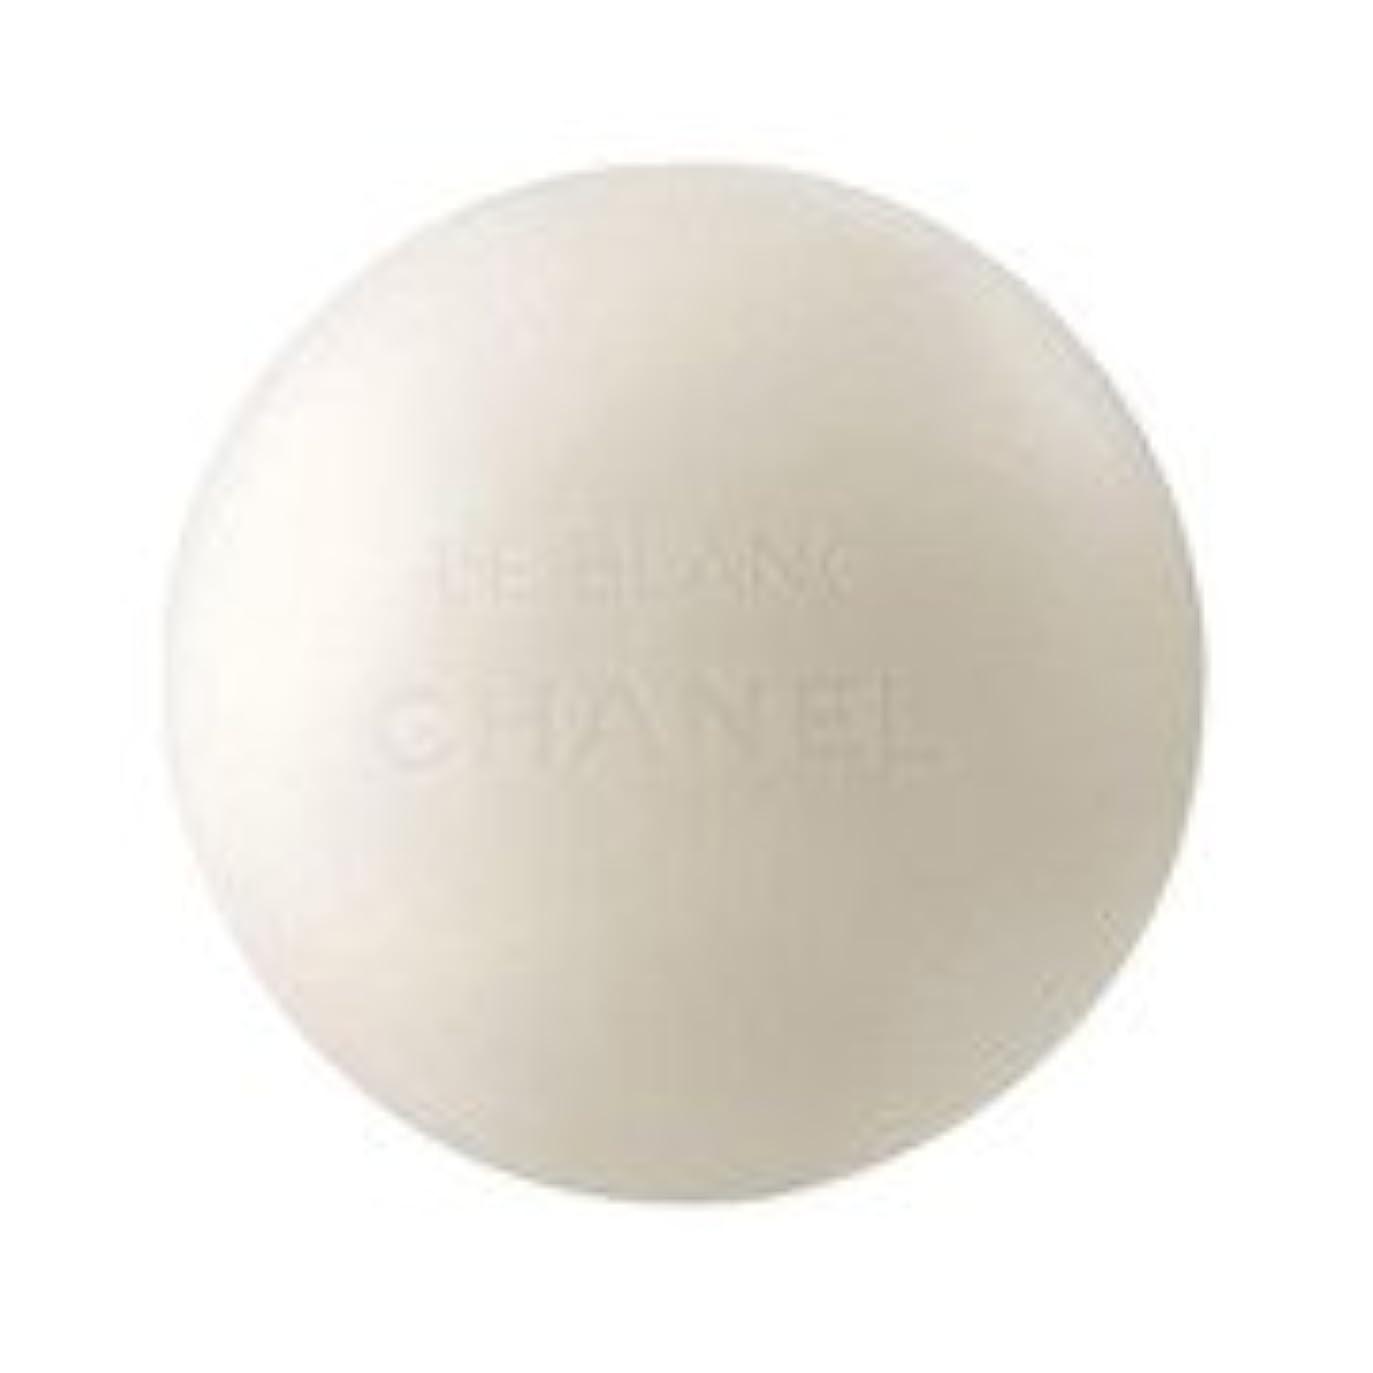 推定する環境に優しい振り向くシャネル ル ブラン ソープ 100g